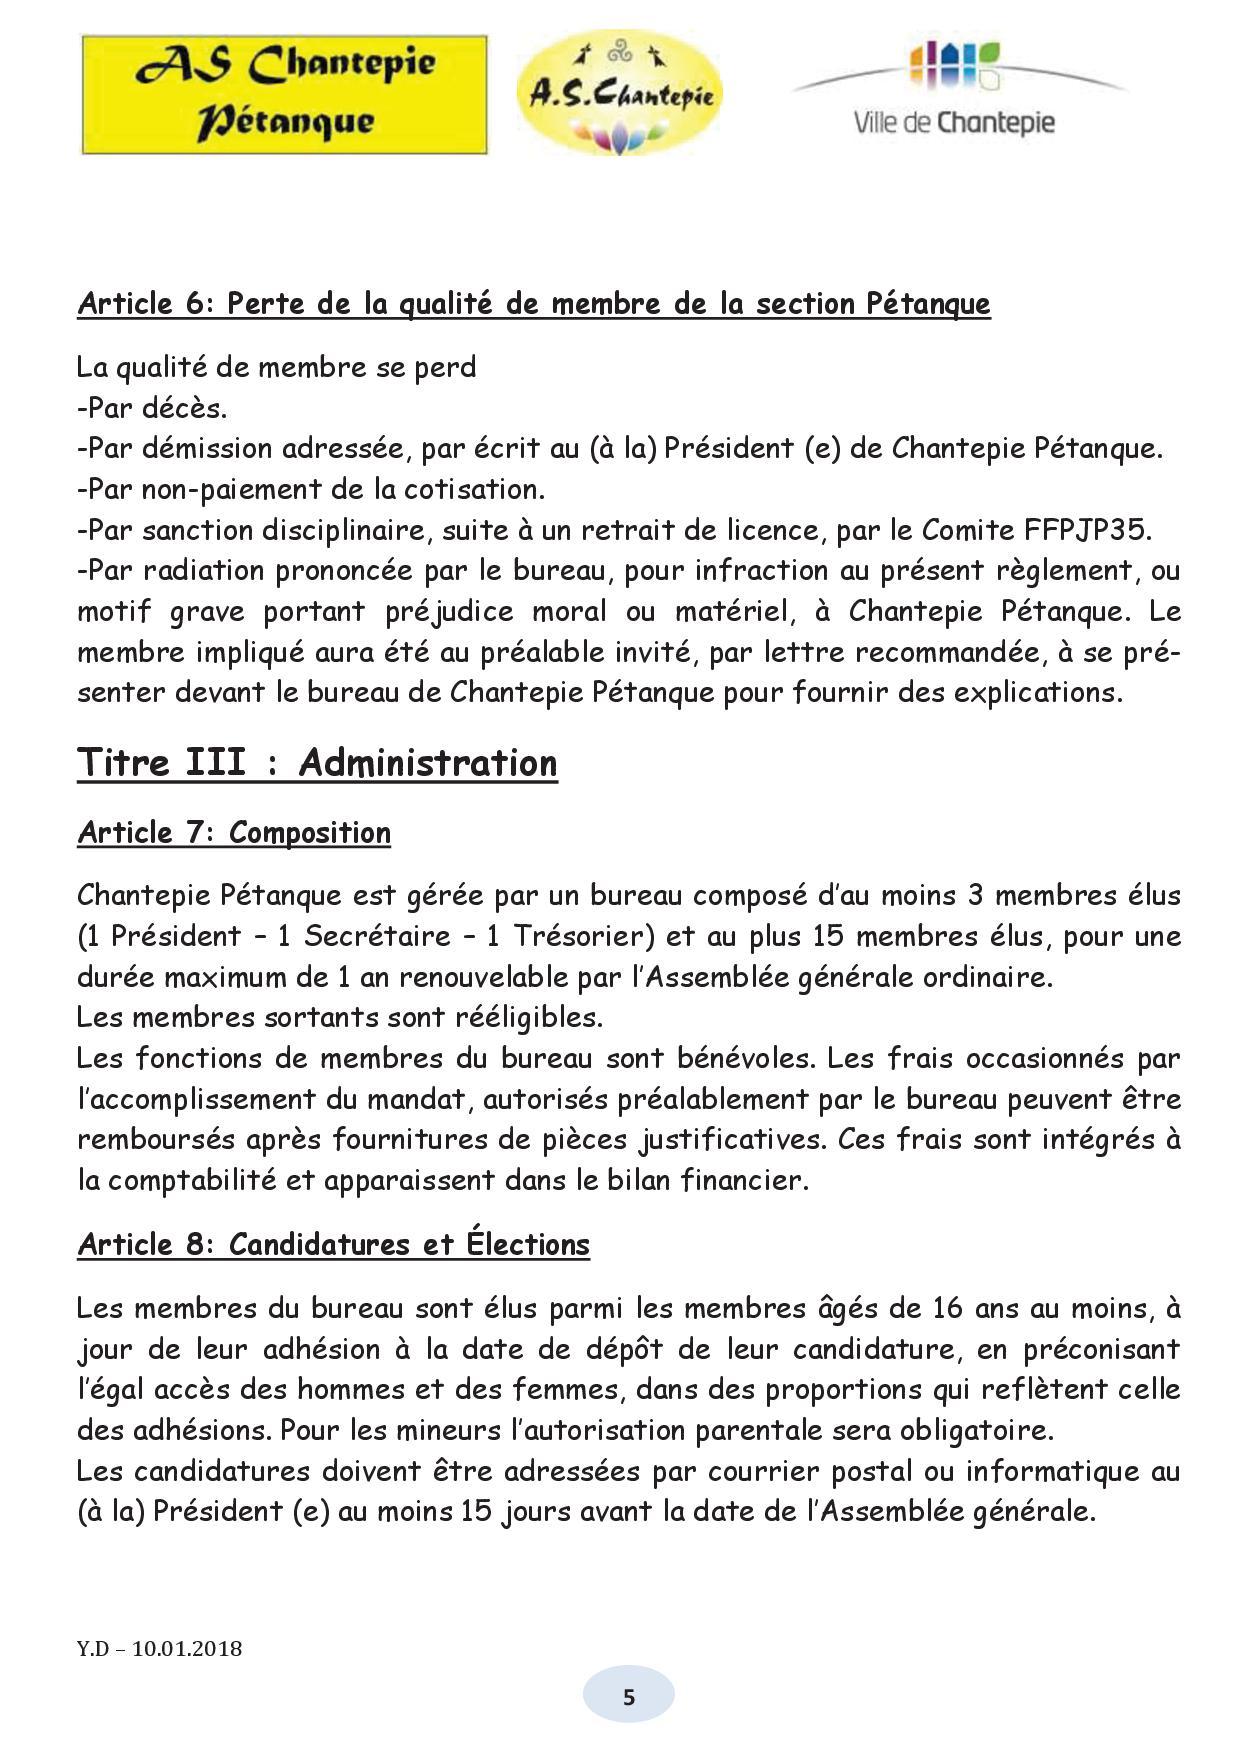 REGLEMENT CHANTEPIE PÉTANQUE  V10.01.2018 ( modif réunion 10.01.18)05.jpg